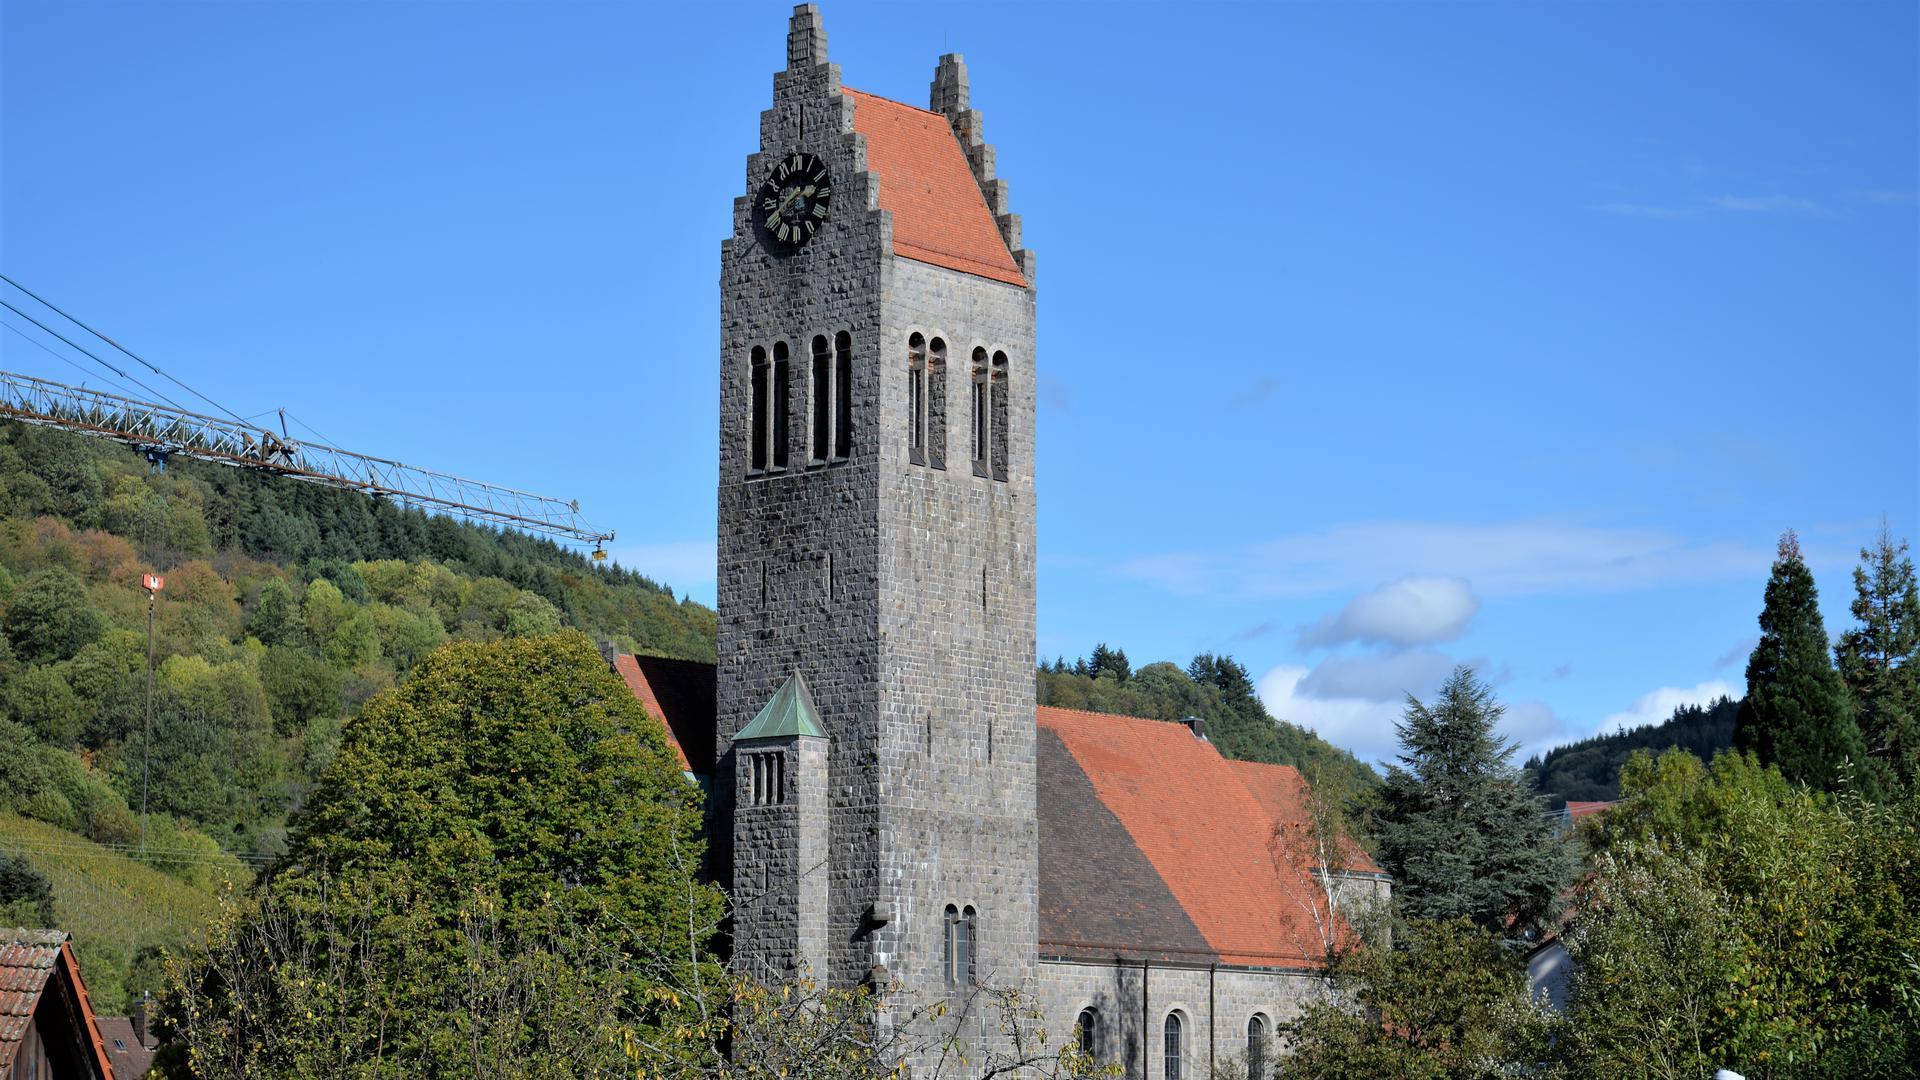 Teurer Sanierungsfall: Die Pfarrkirche in Neusatz muss für 1,3 Millionen Euro saniert werden. Die Pfarrgemeinde hat das Geld nicht.